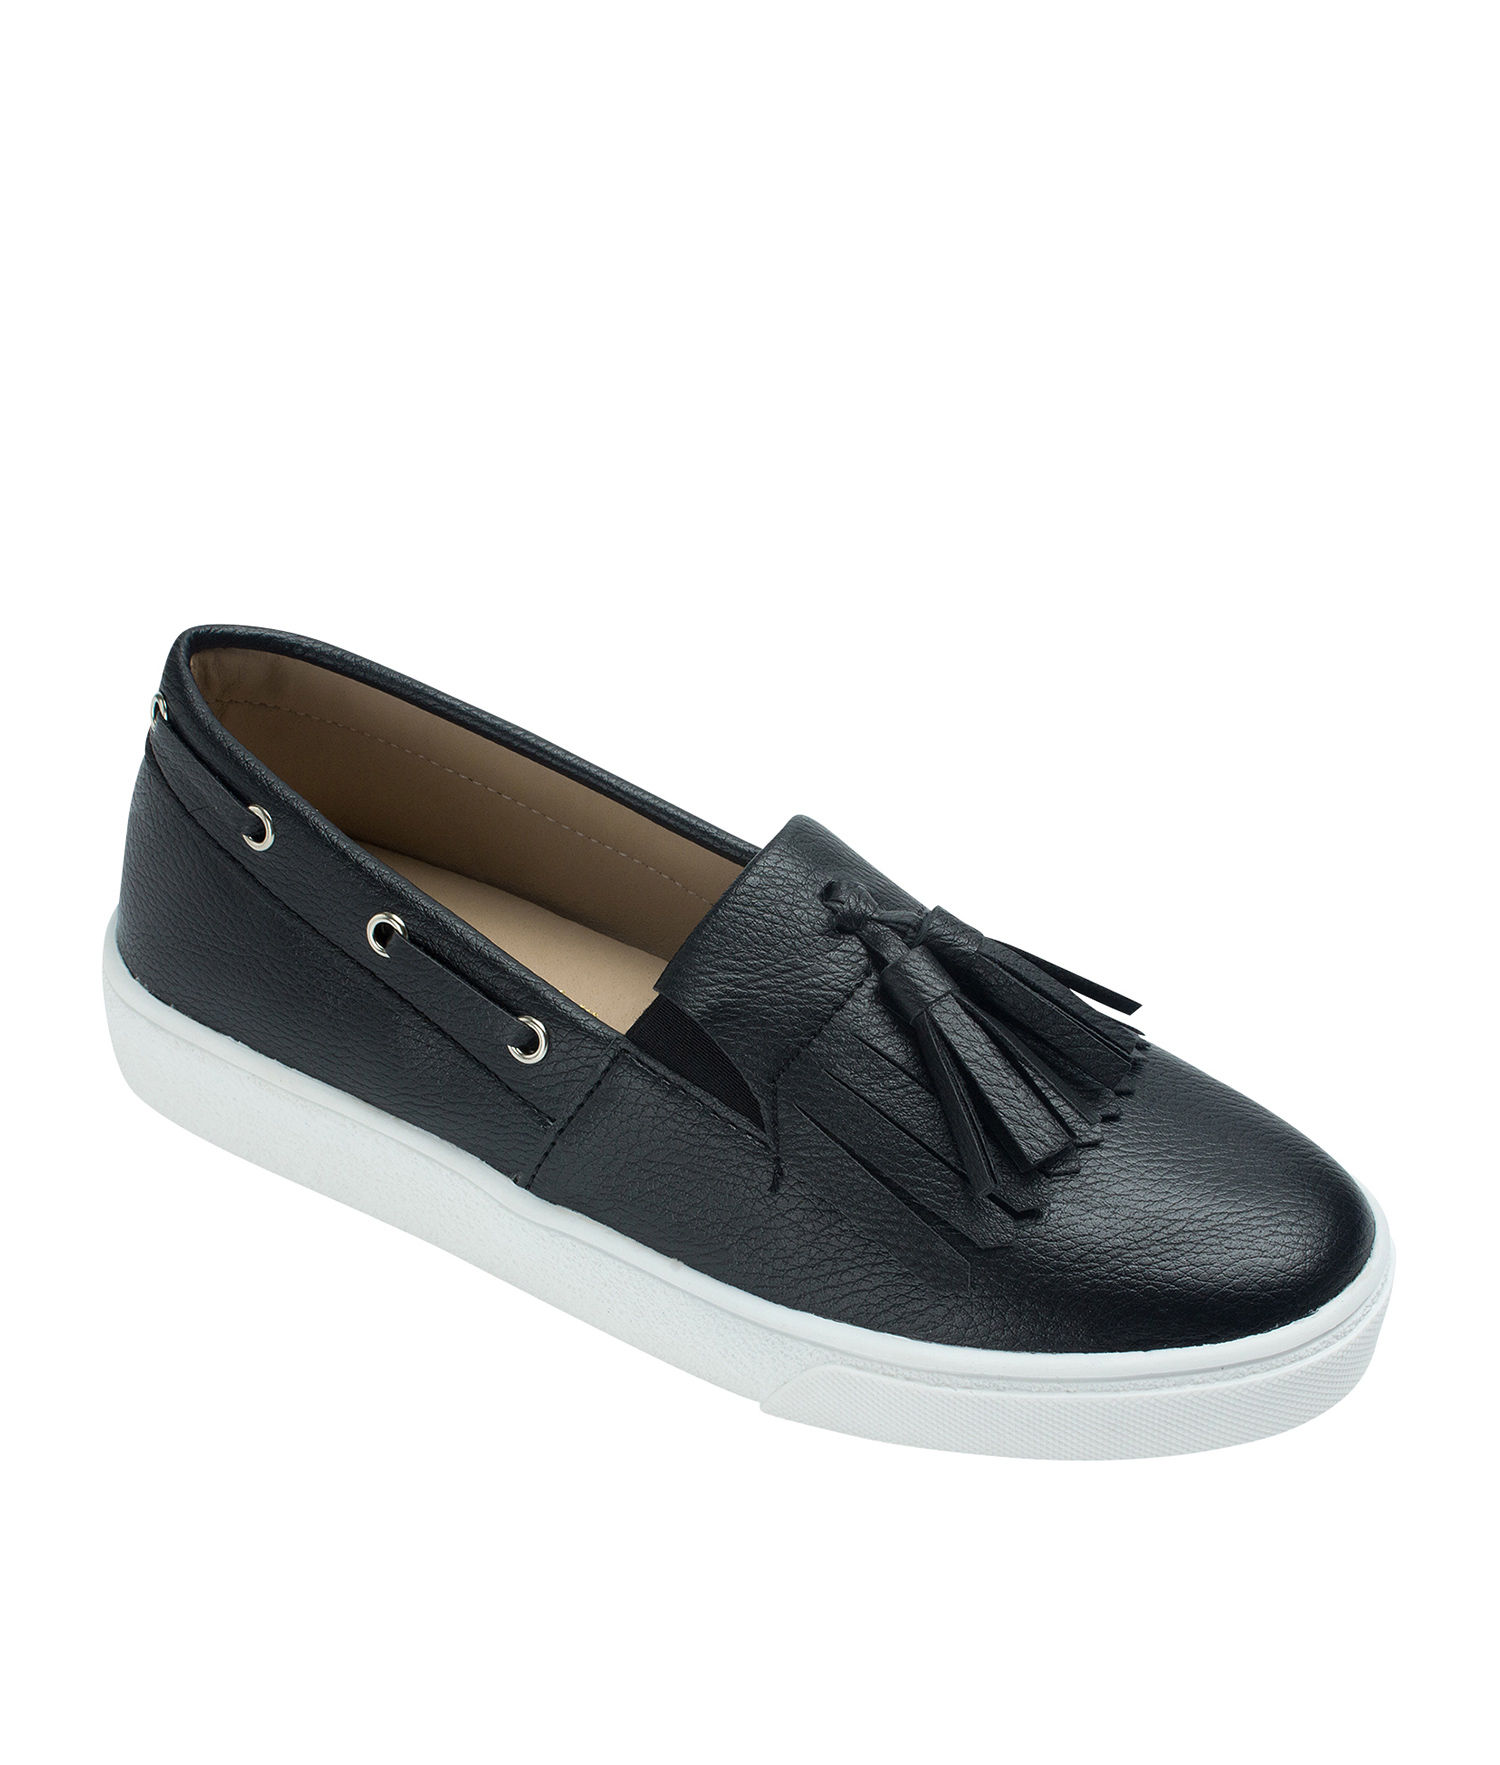 4e8fd9048a8a2 AnnaKastle Womens Kiltie Tassel Loafer Sneakers Black